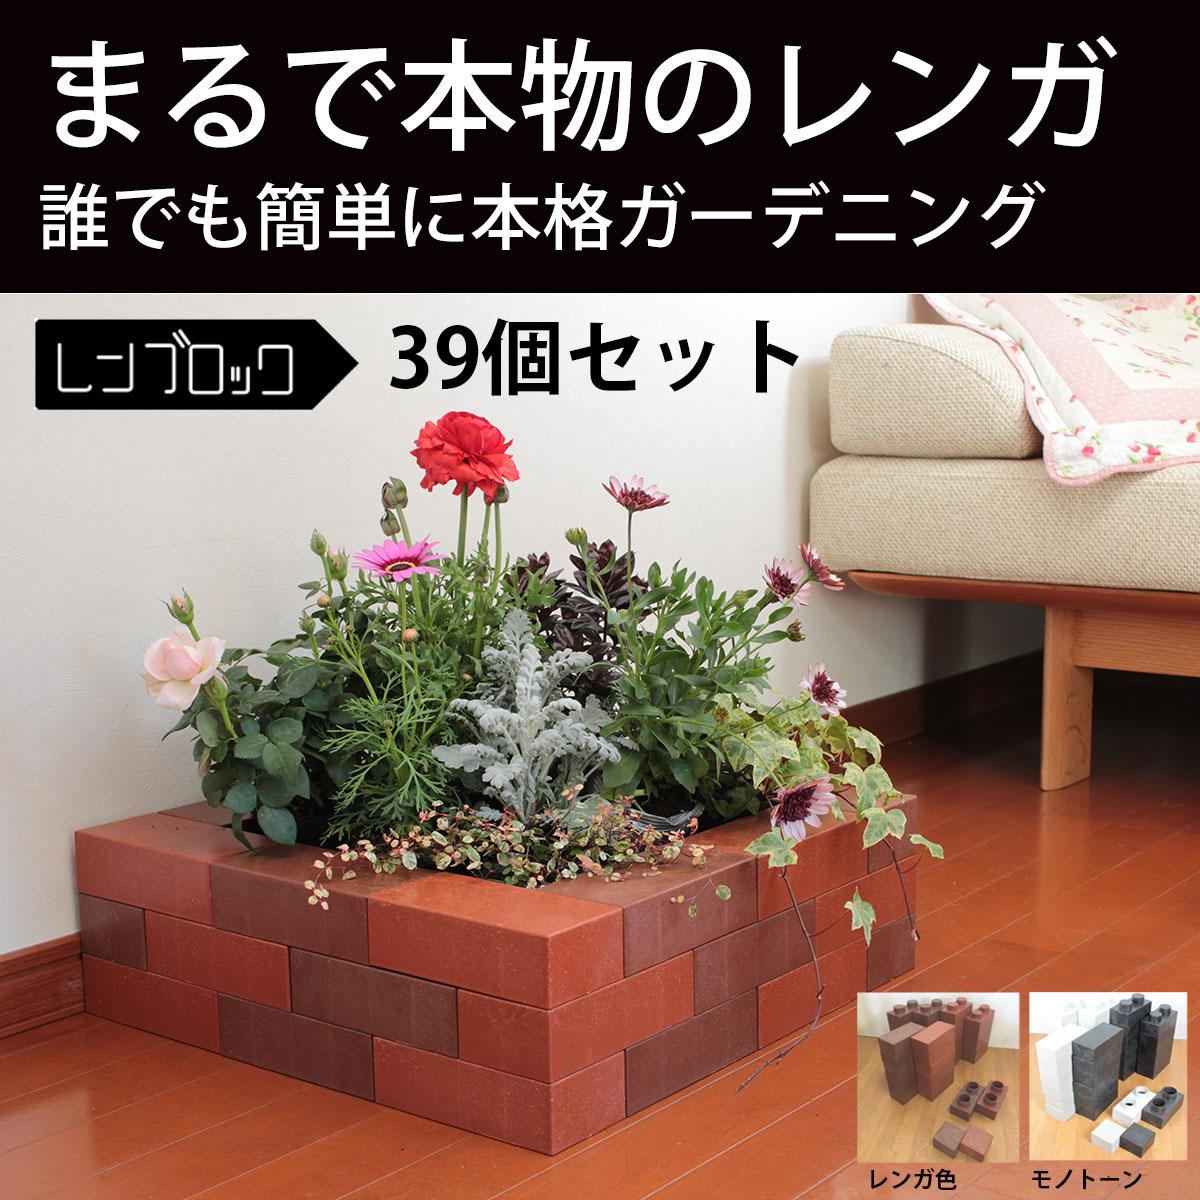 ブロック 花壇 ガーデニング 軽量 レンブロック 39個セット 軽量ブロック 置くだけ 庭に ベランダに DIY ガーデン 樹脂 renblock